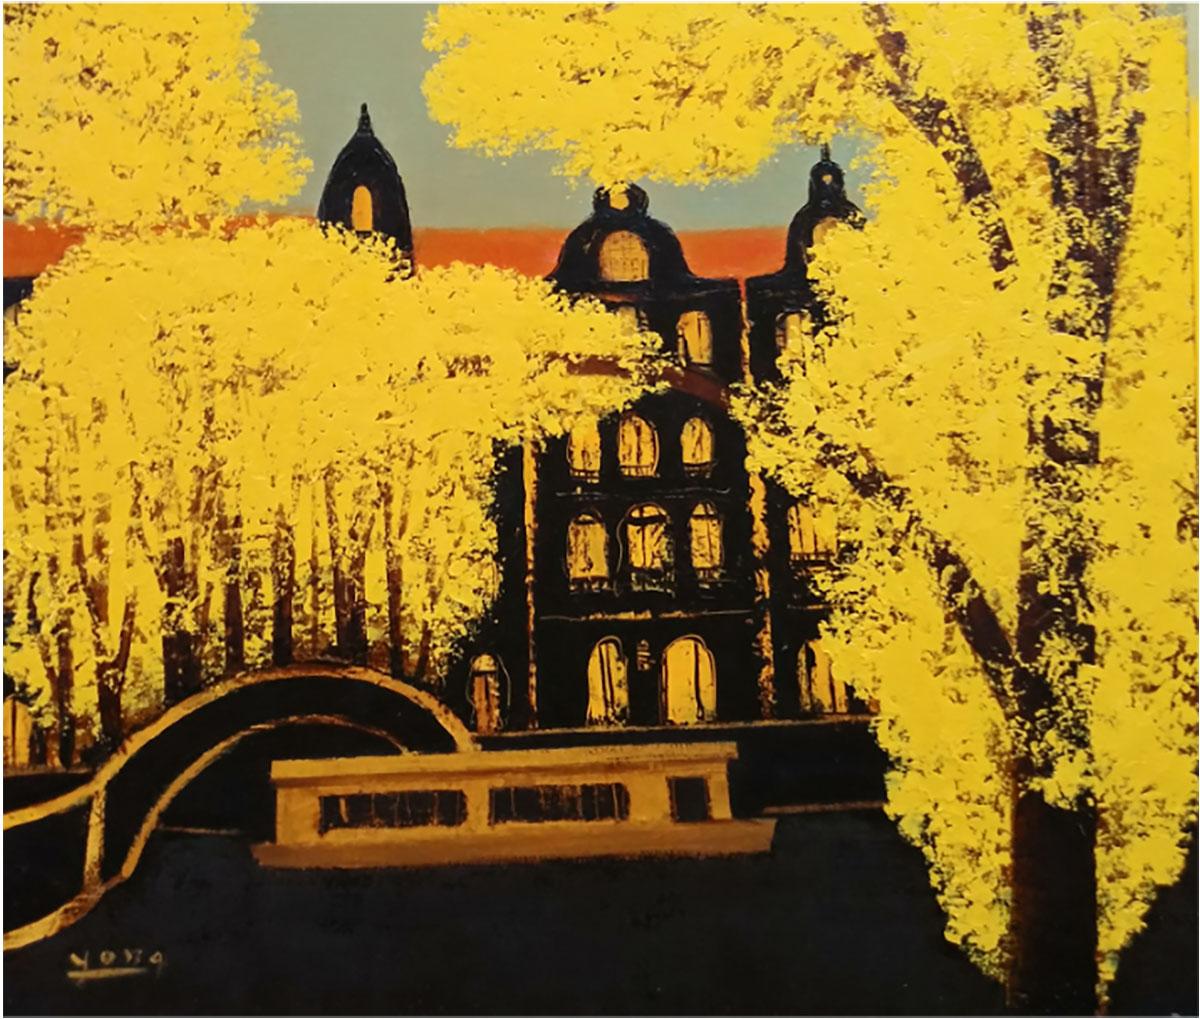 암스테르담의 만추︱53.0x45.5cm, Oil on canvas